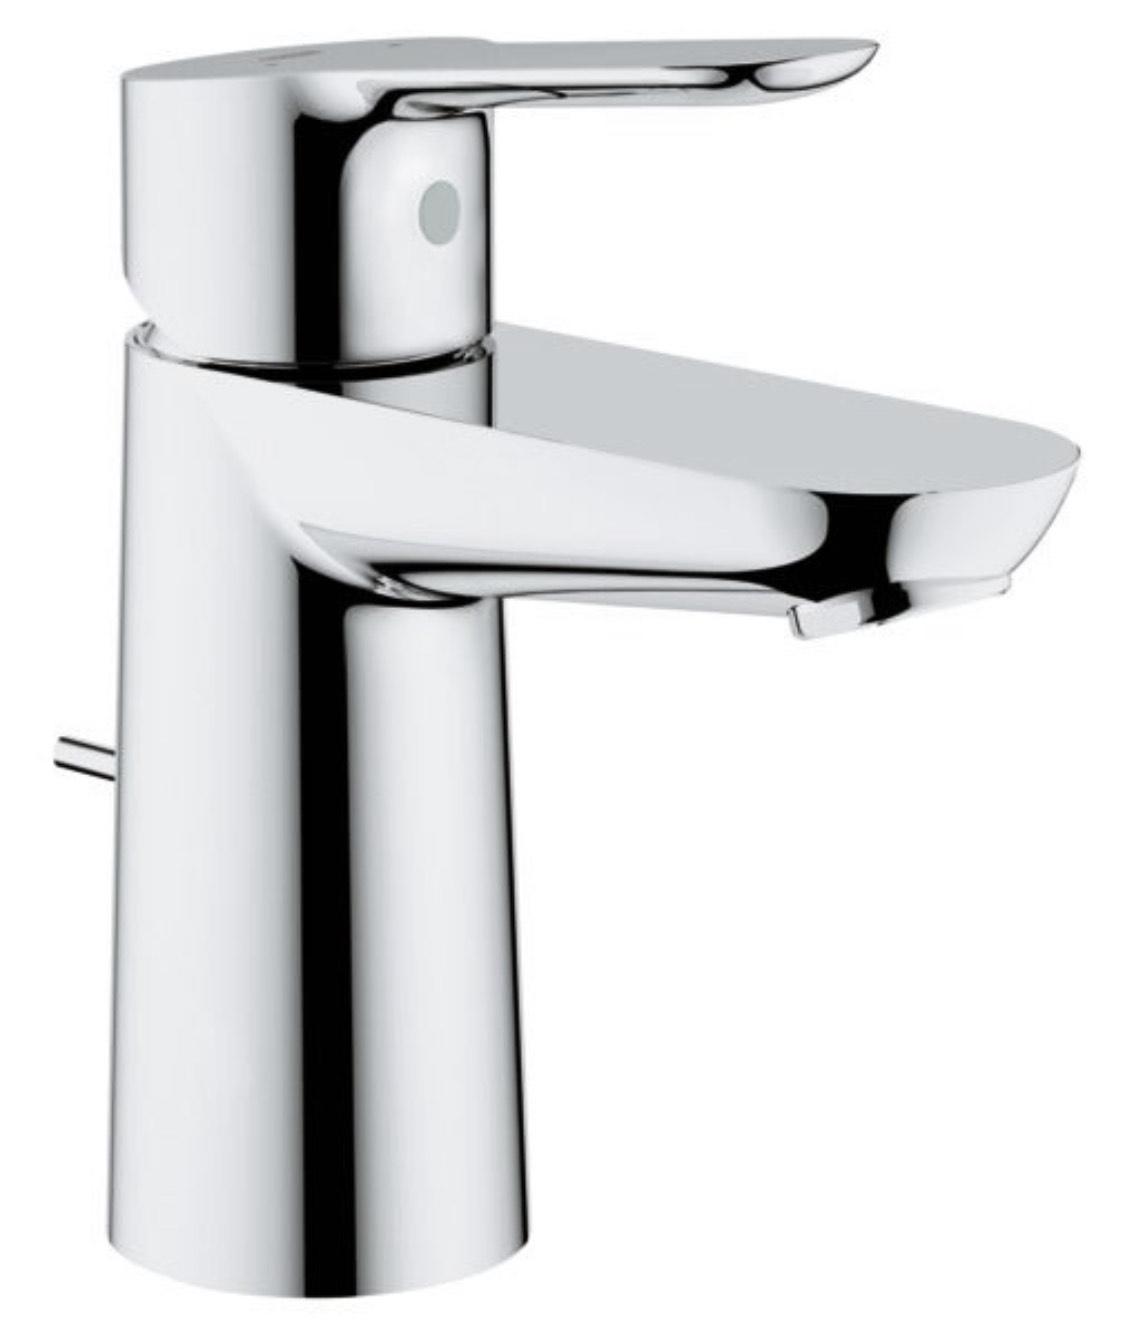 Mitigeur de lavabo chrome brillant Grohe Clova s